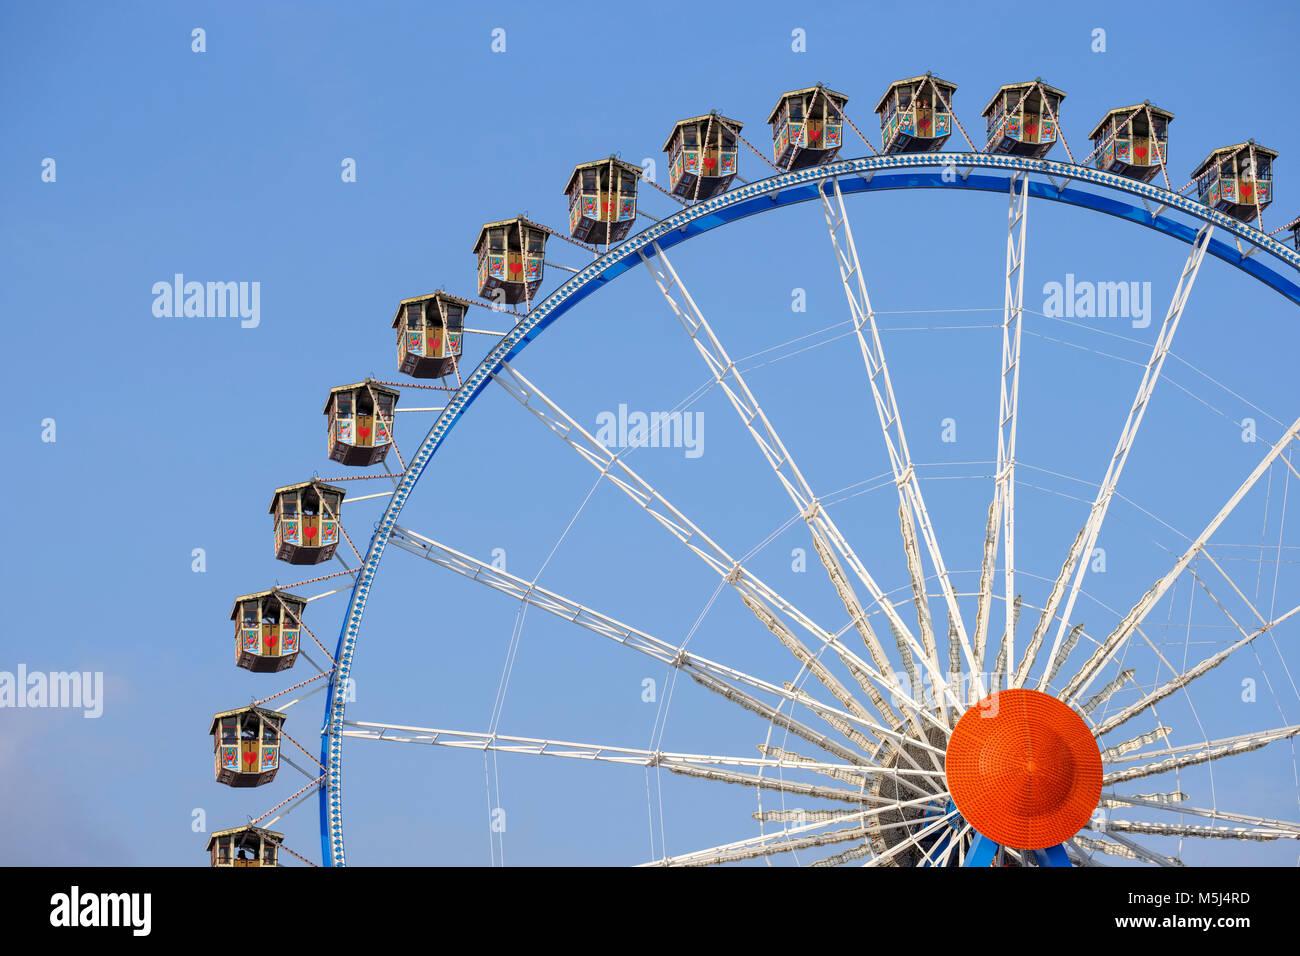 Oktoberfest-Riesenrad, Wiesn, München, Oberbayern, Bayern, Deutschland - Stock Image